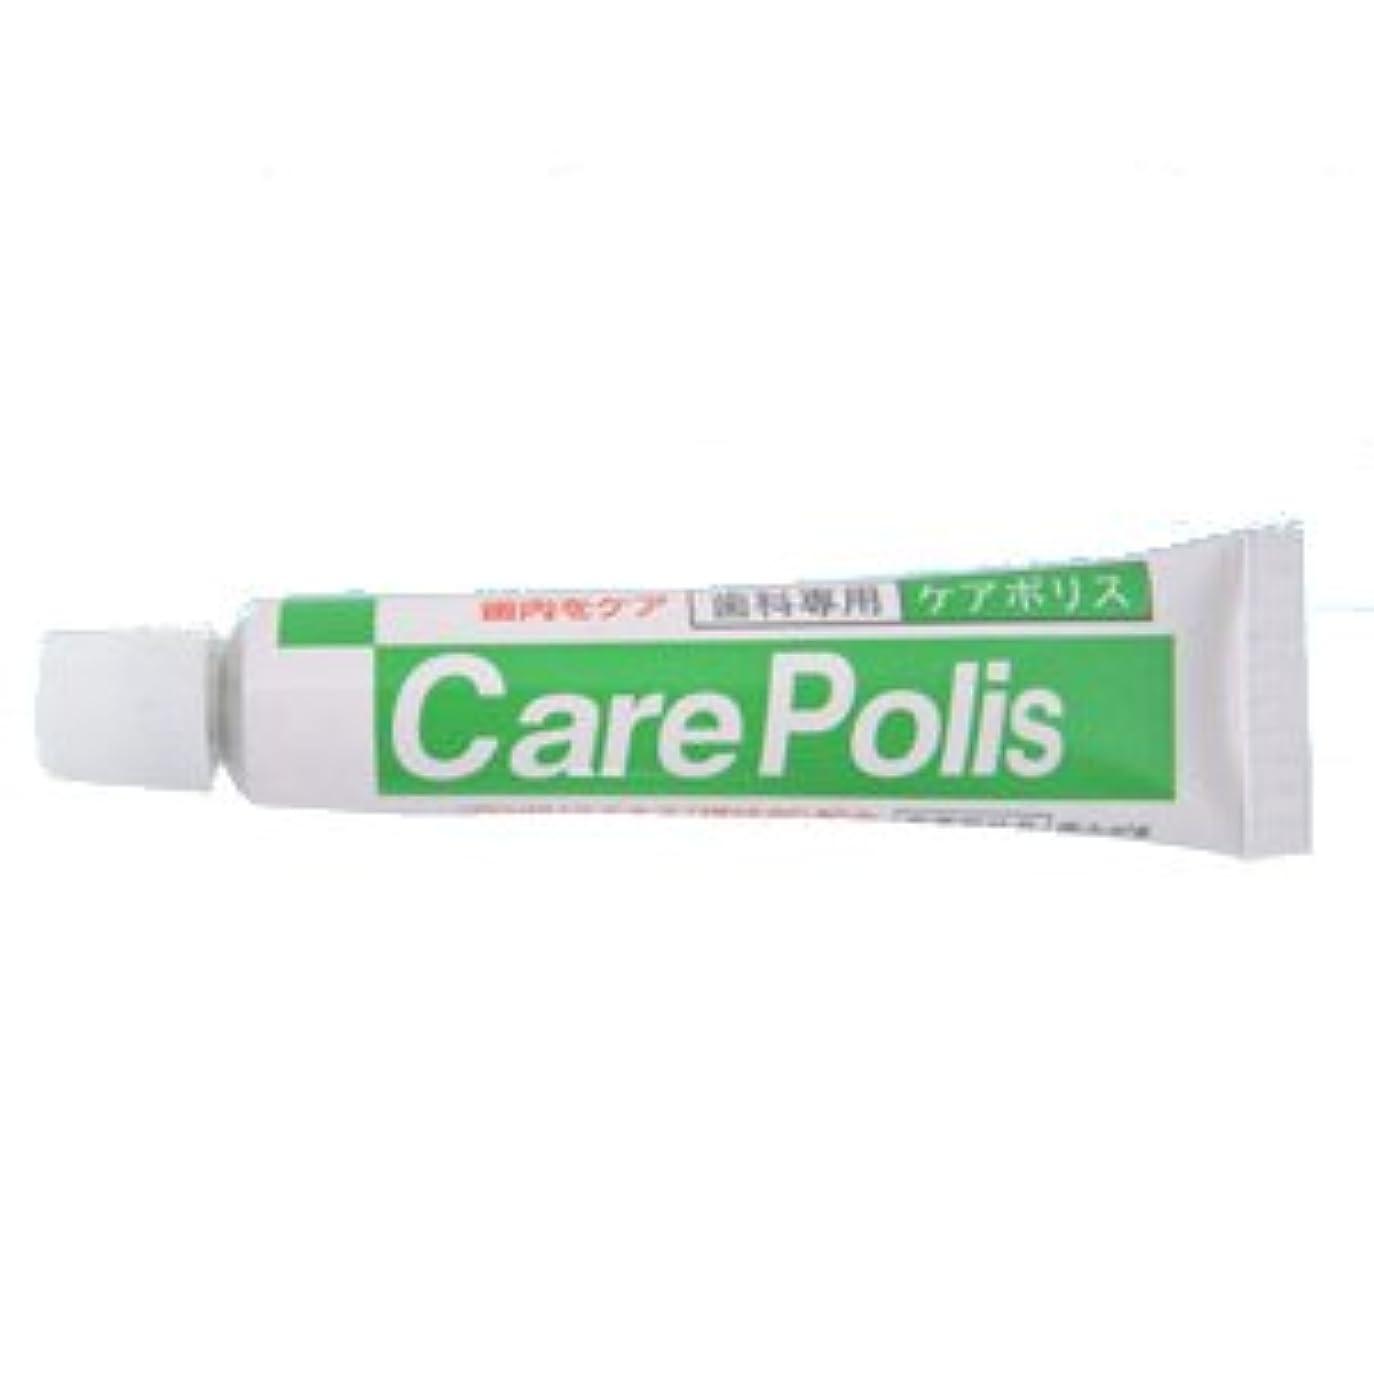 緯度不適切なエコー薬用歯磨 ケアポリス 7g 医薬部外品